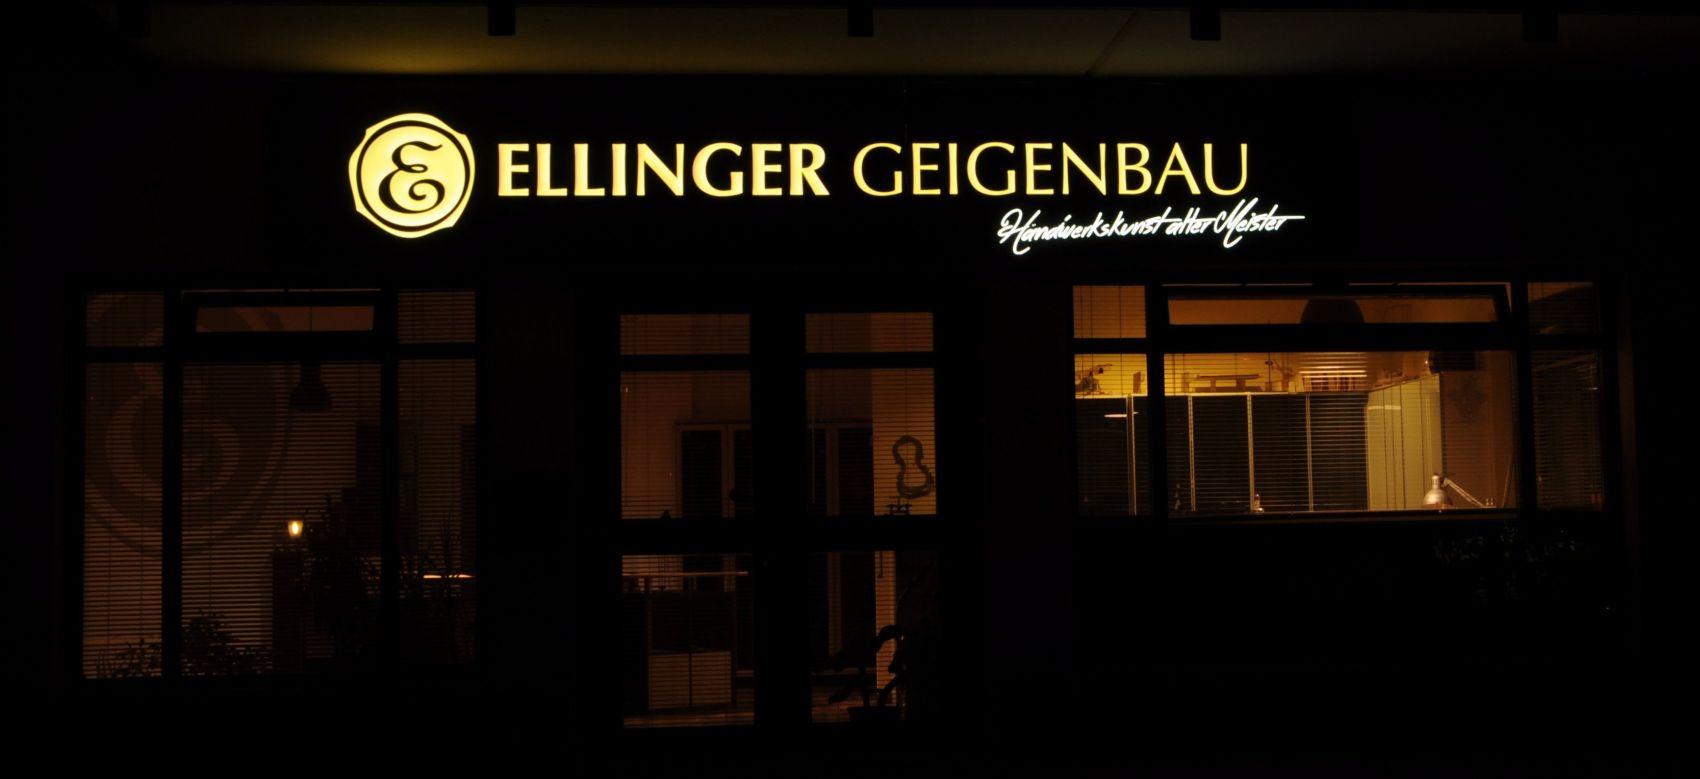 Atelier ELLINGER Geigenbau